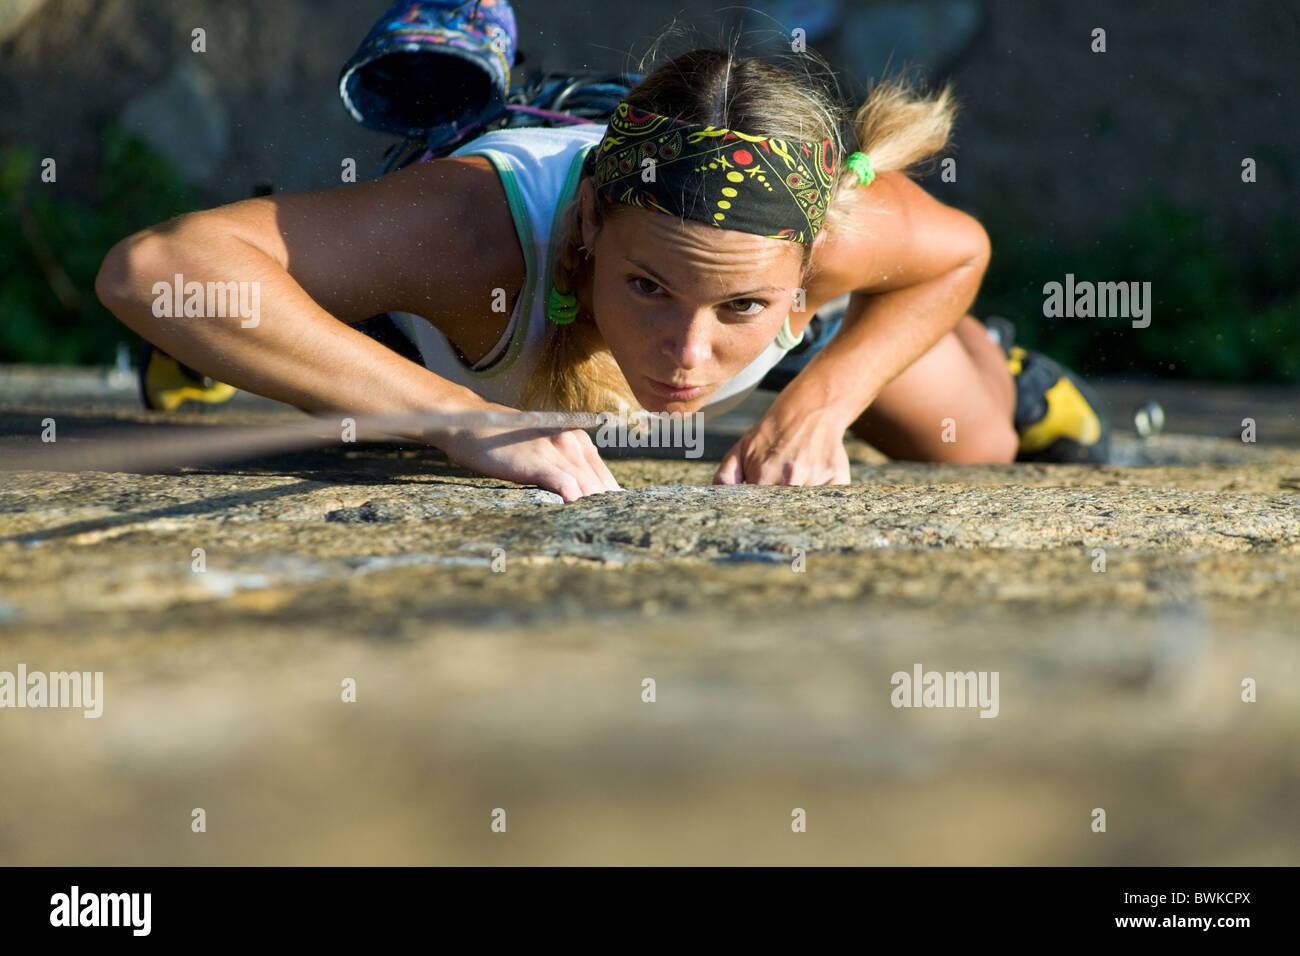 Attraktives Mädchen klettert ein Granitstein Stockbild